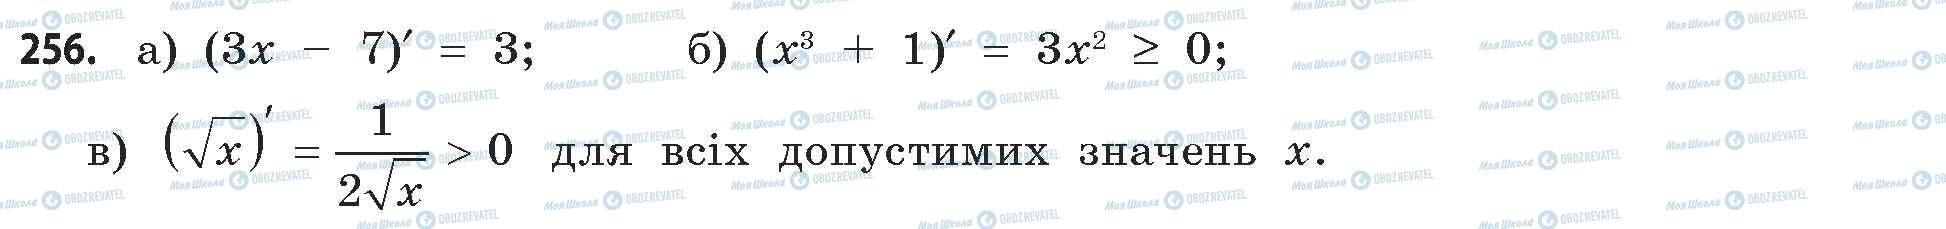 ГДЗ Математика 11 класс страница 256